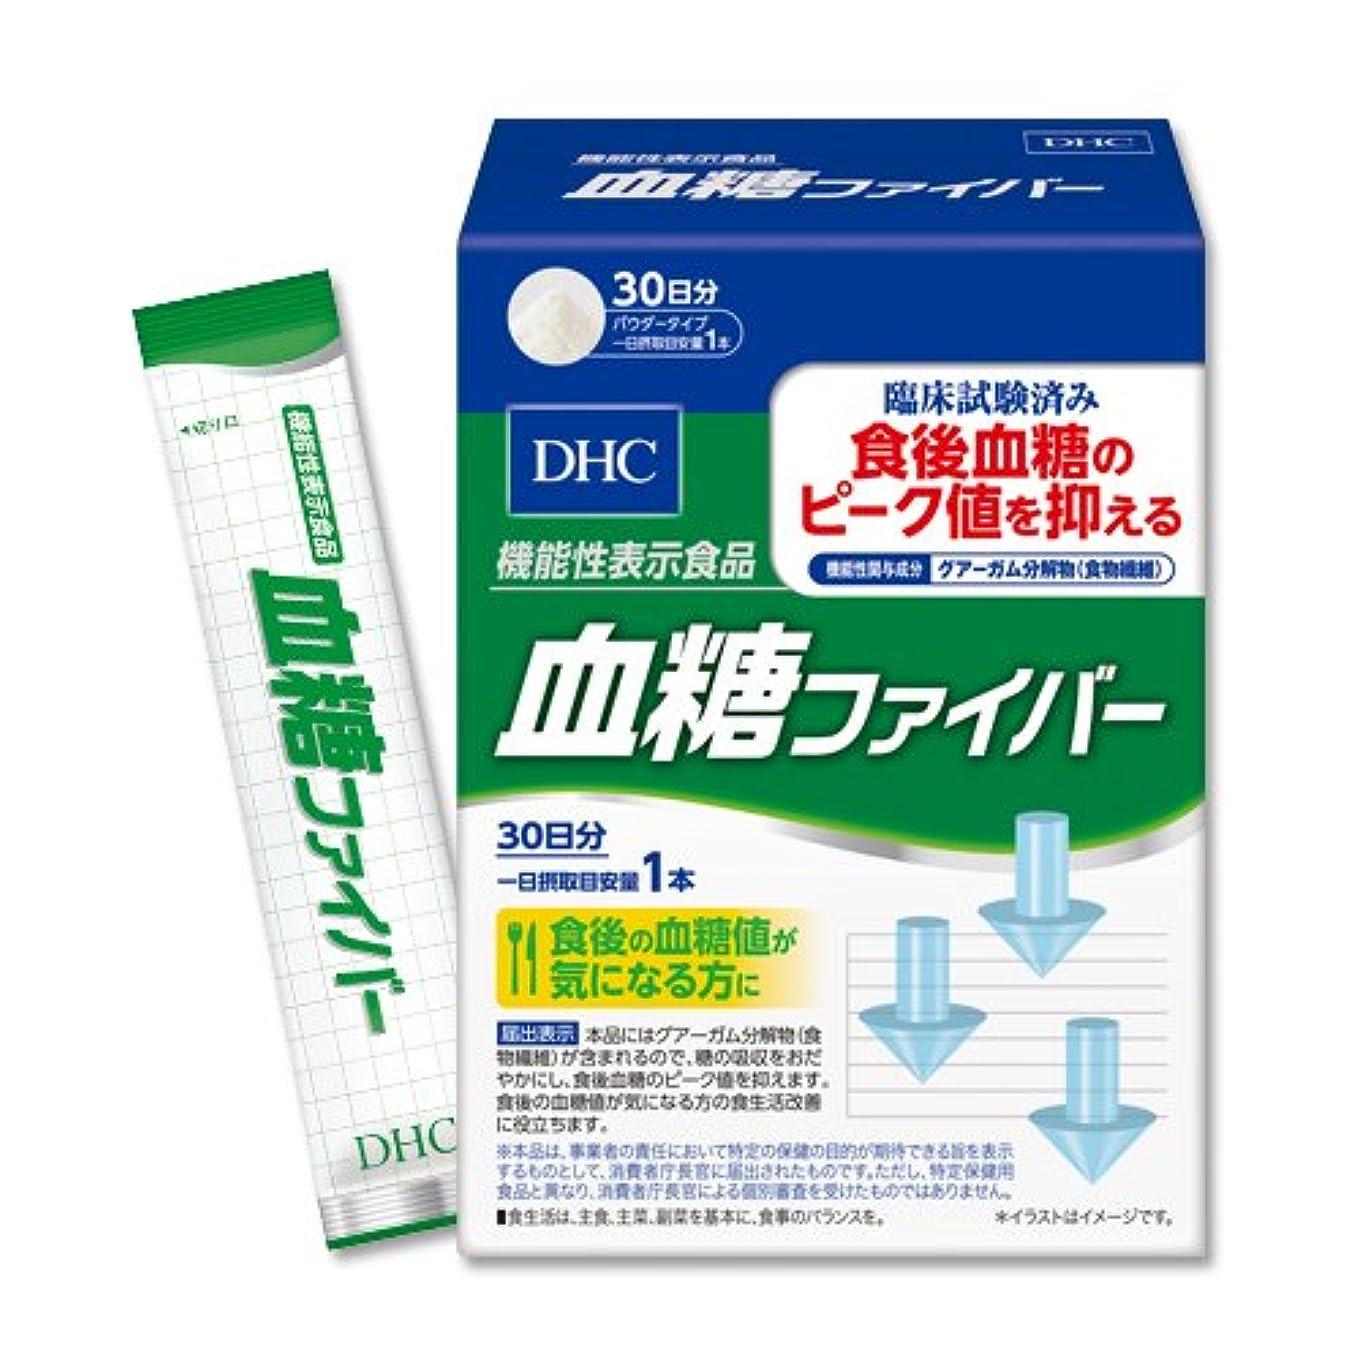 のぞき穴好ましいディプロマ血糖ファイバー 30日分【機能性表示食品】